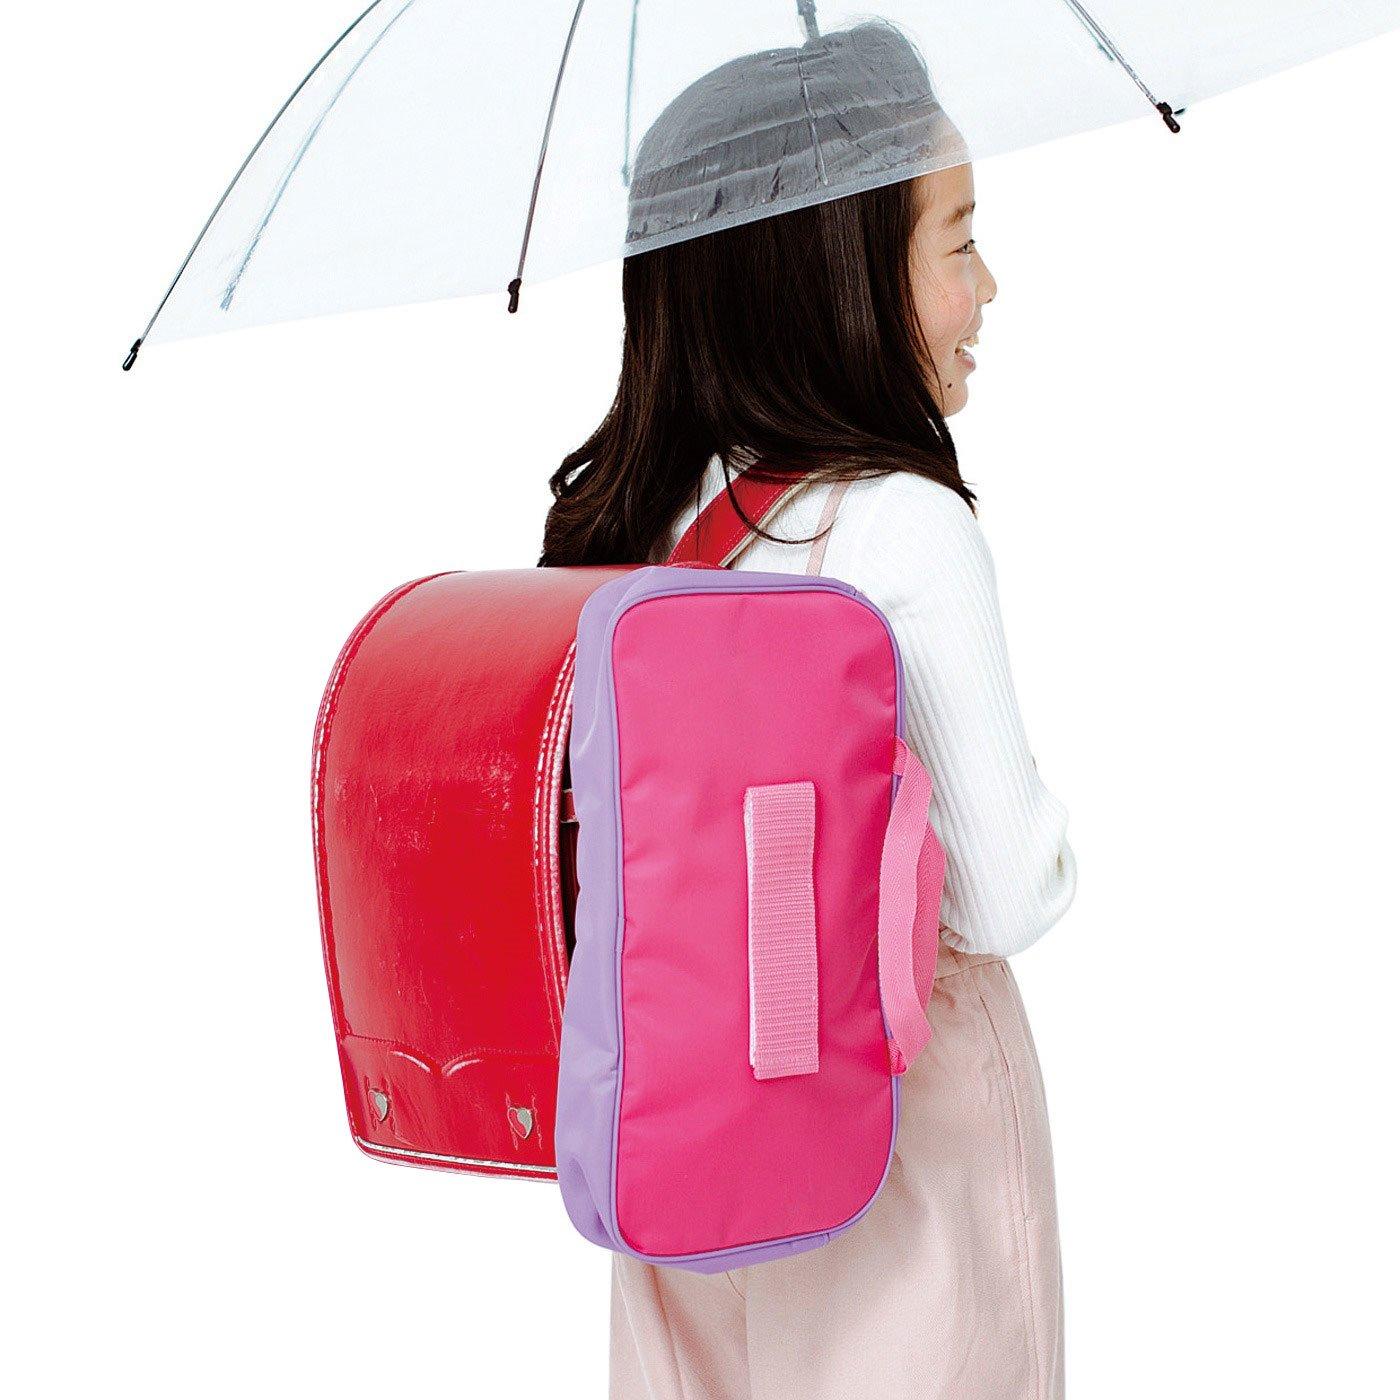 丈夫なナイロン素材の移動式スクールバッグ〈ガールズ〉